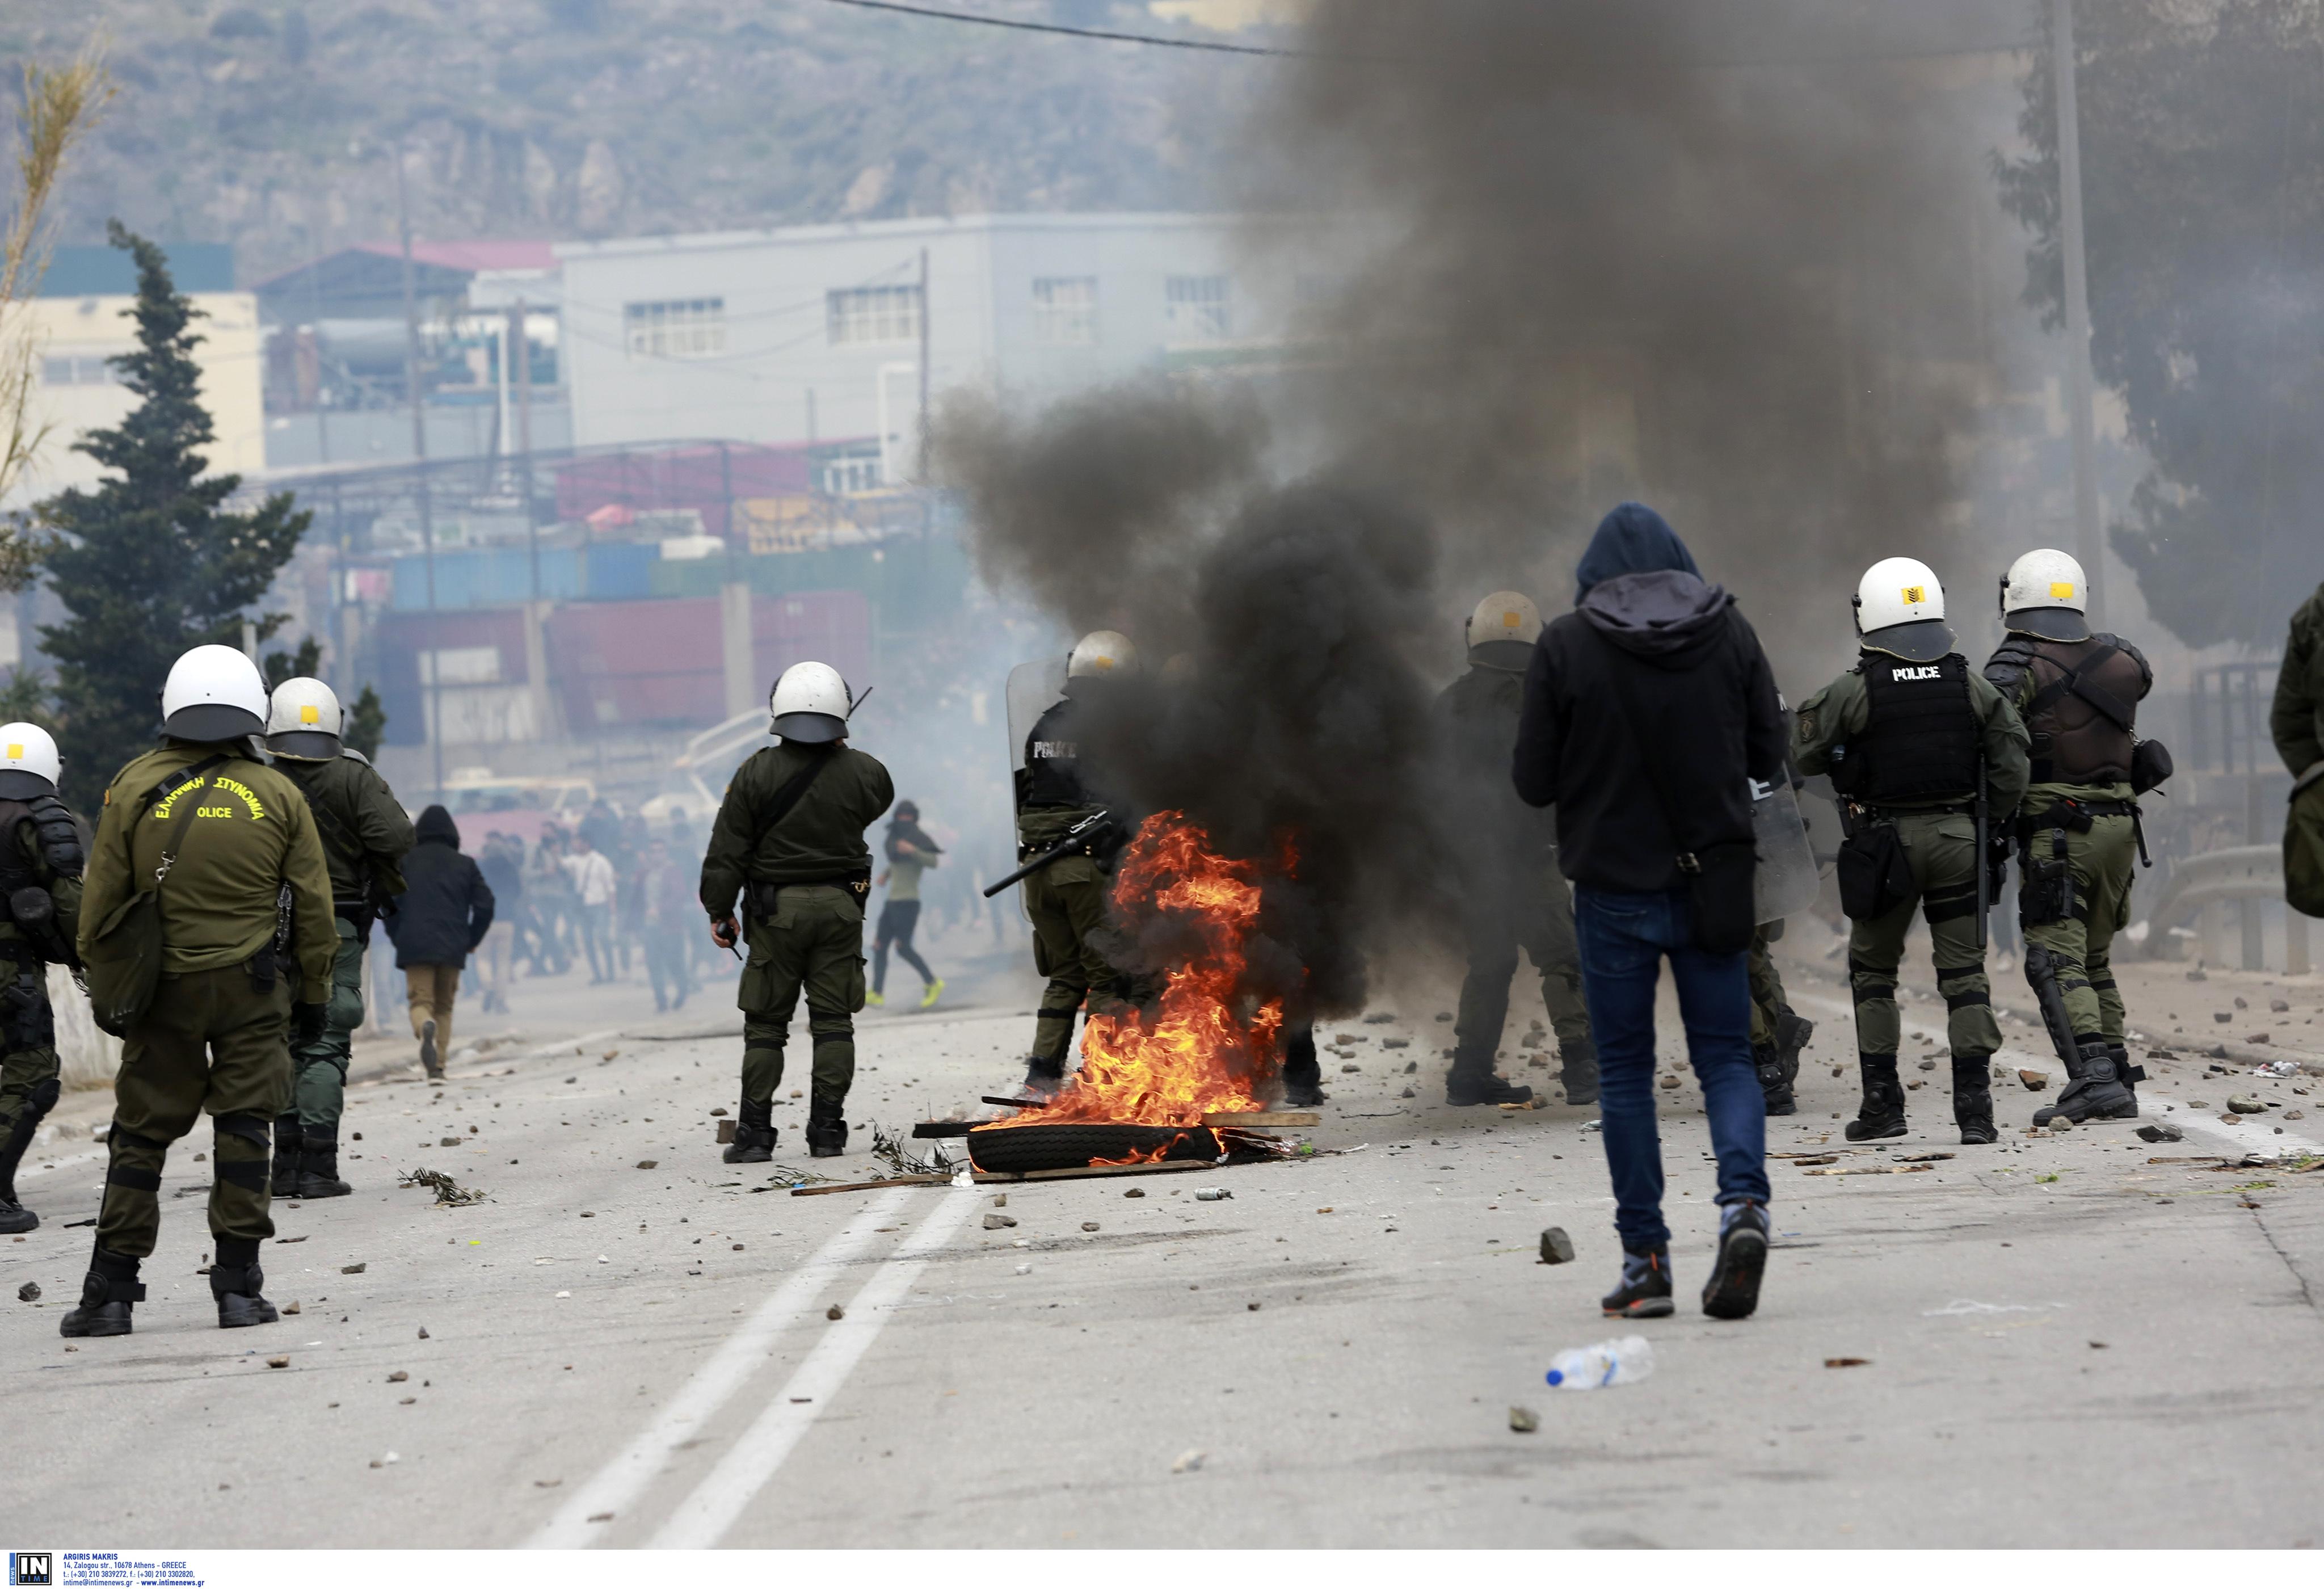 """ΣΥΡΙΖΑ: Ακροδεξιοί πυροδοτούν επεισόδια στην Μόρια - Στο """"στόχαστρο"""" και οι ΜΚΟ"""